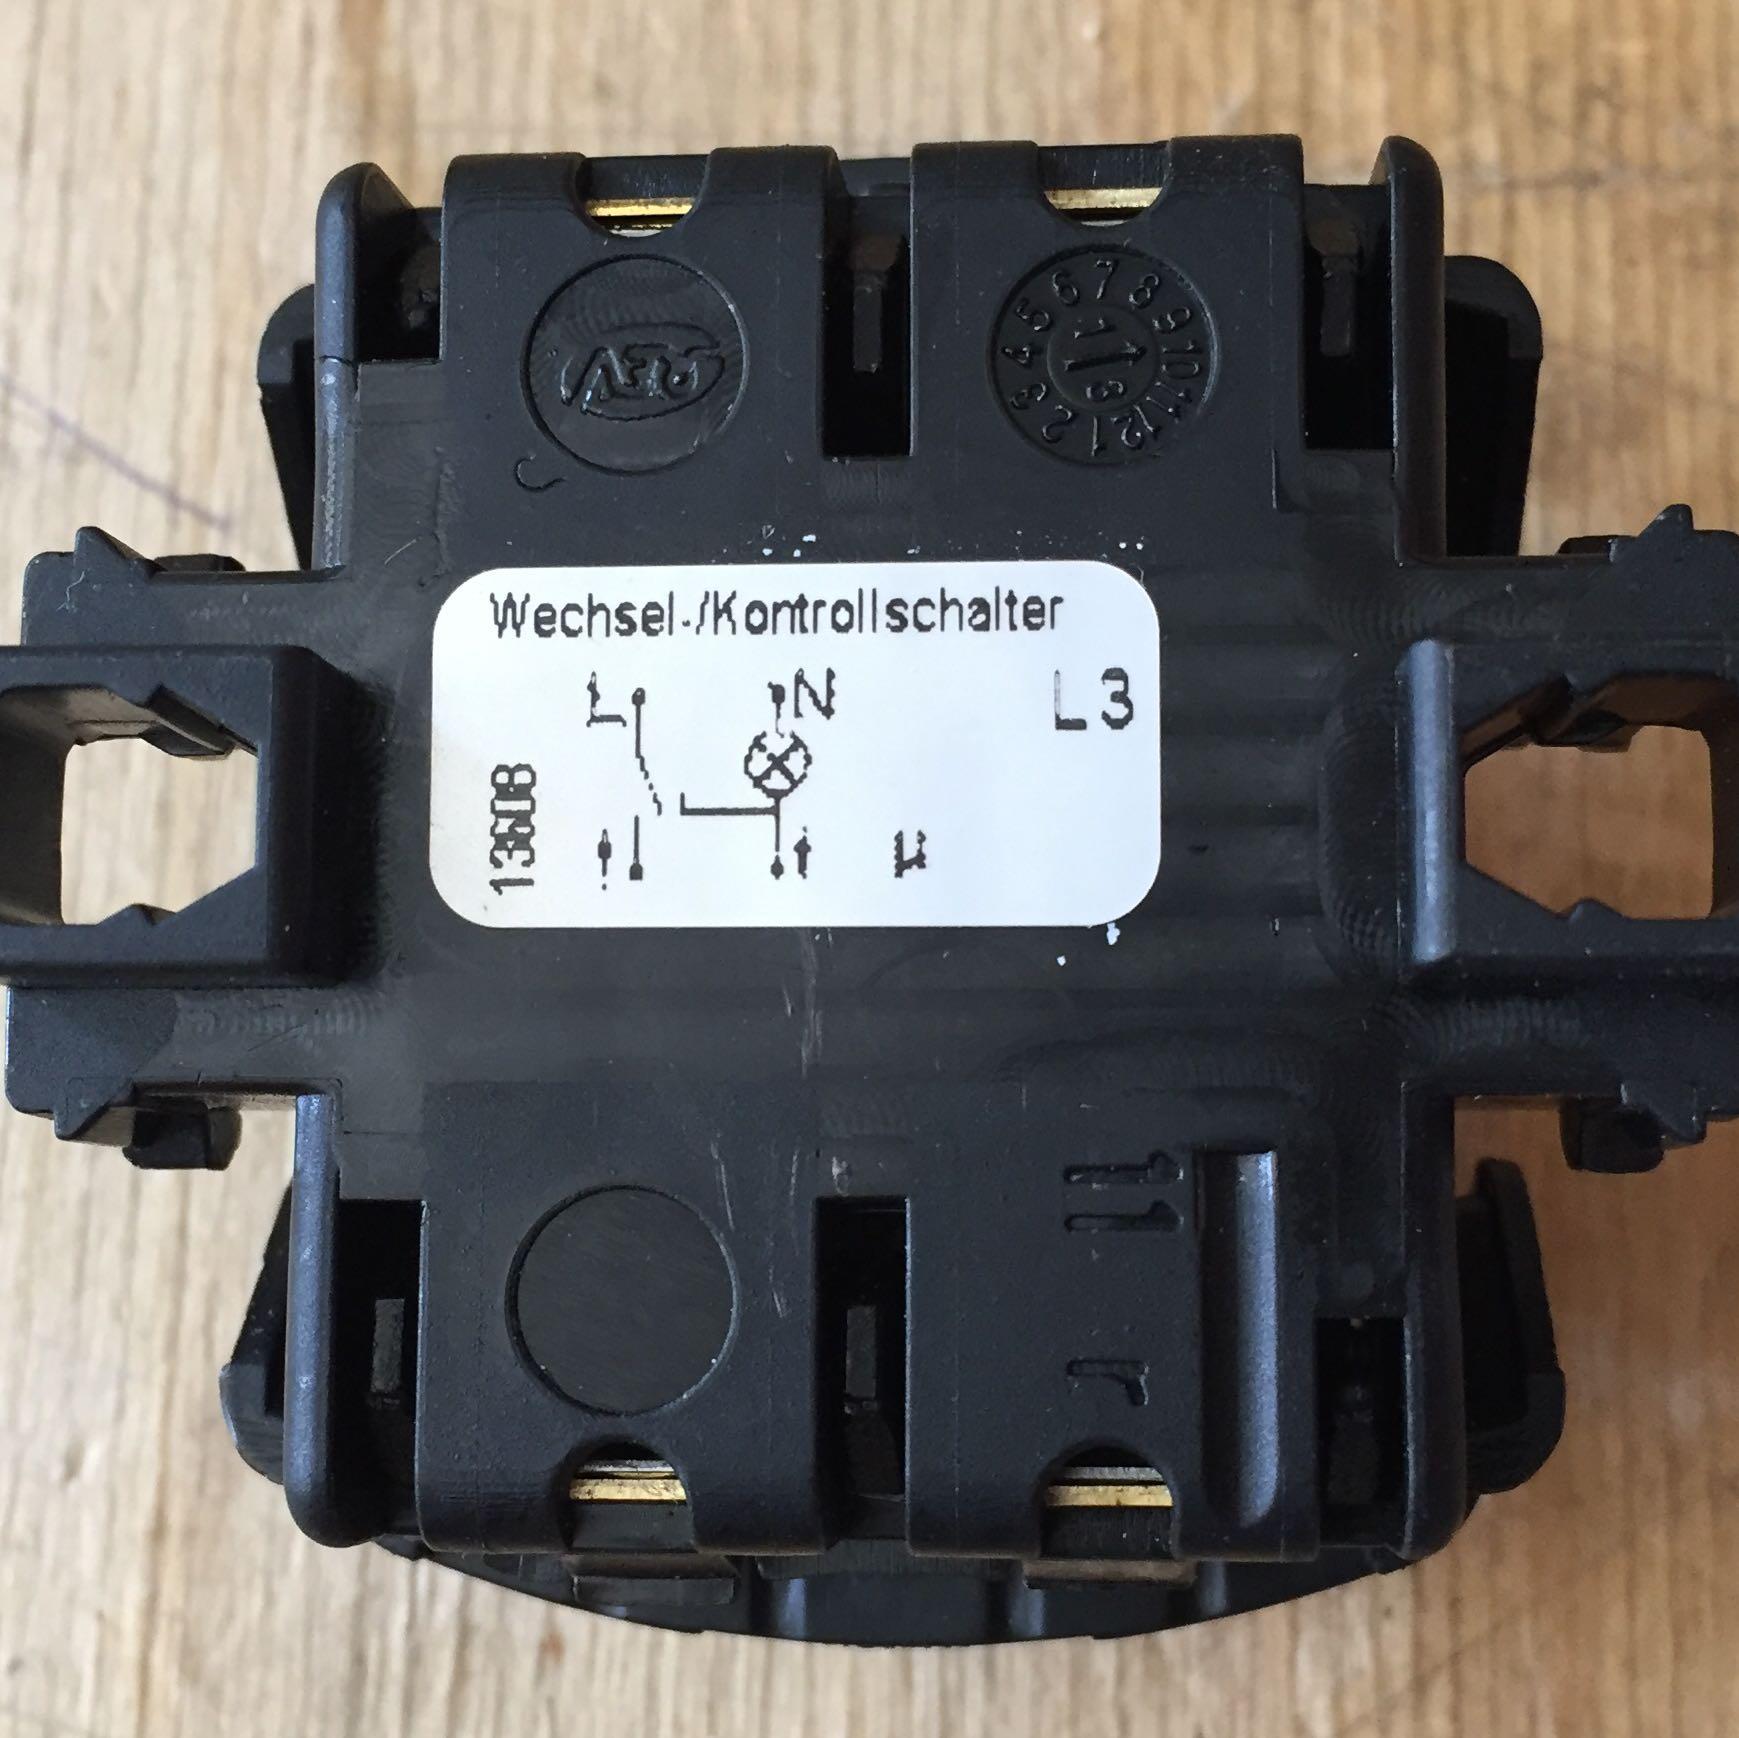 Wie muss ich diesen Kontroll-Schalter anschließen? (Elektronik, Auto ...